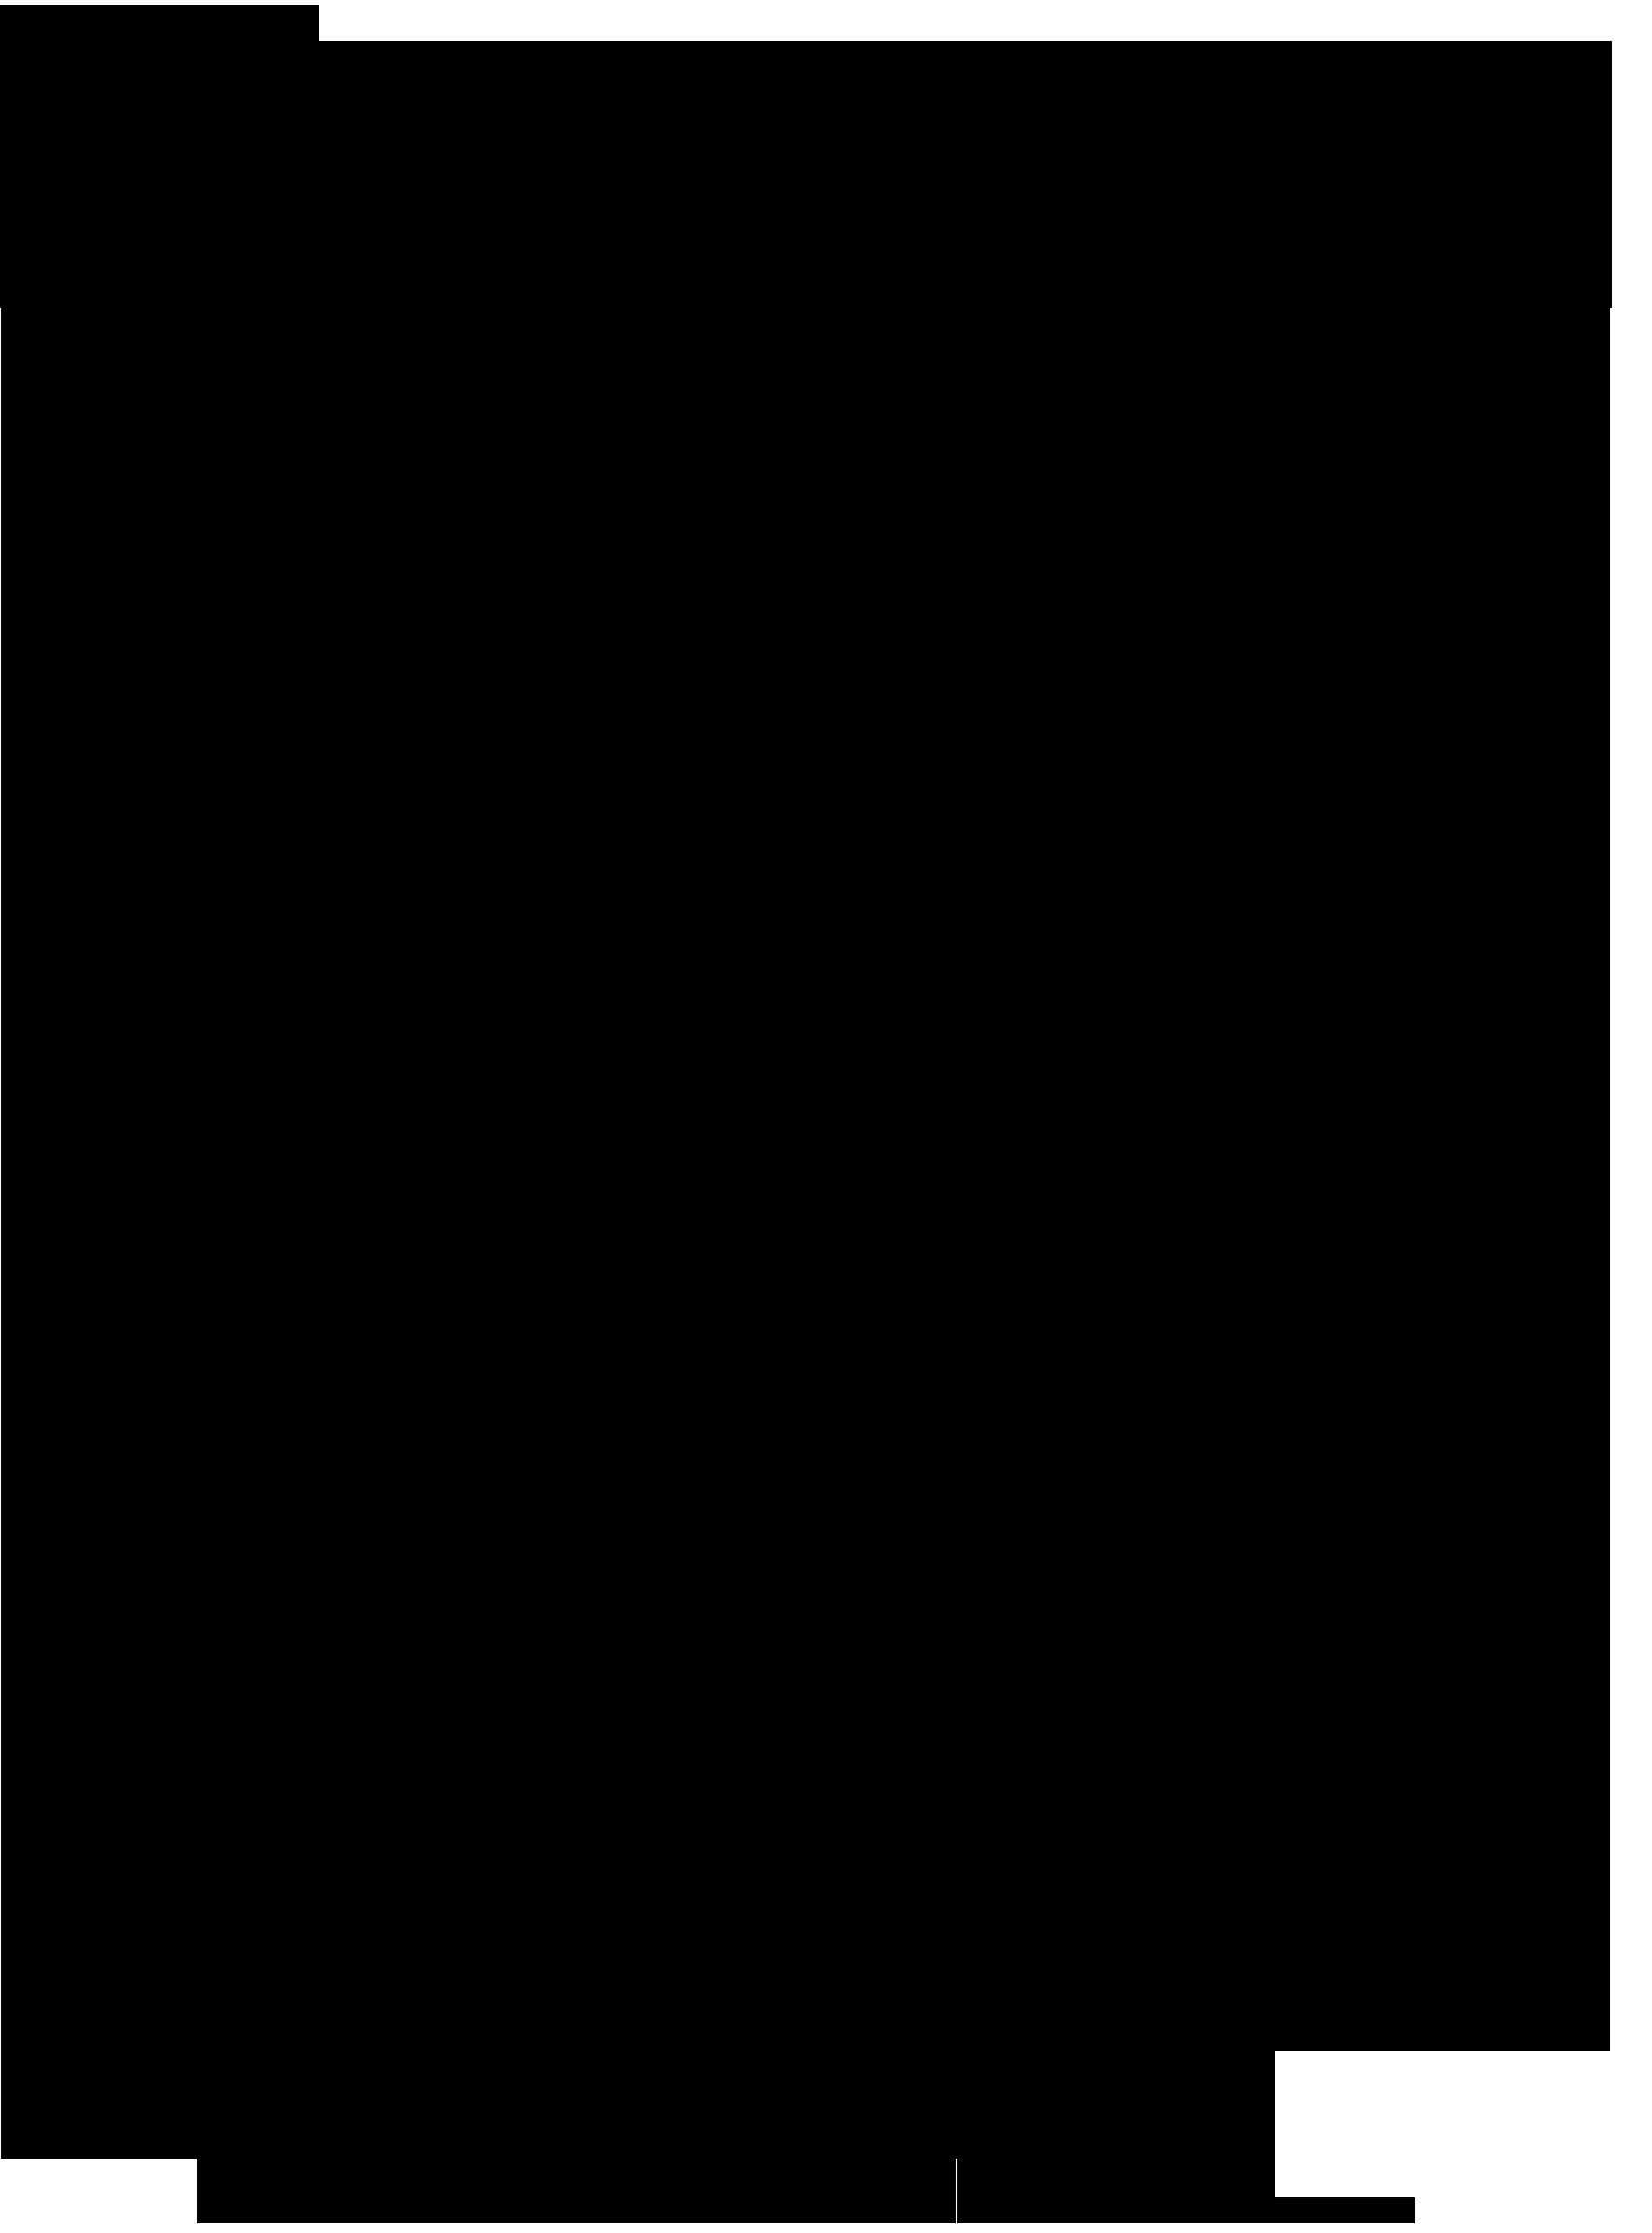 05eustisr20r1